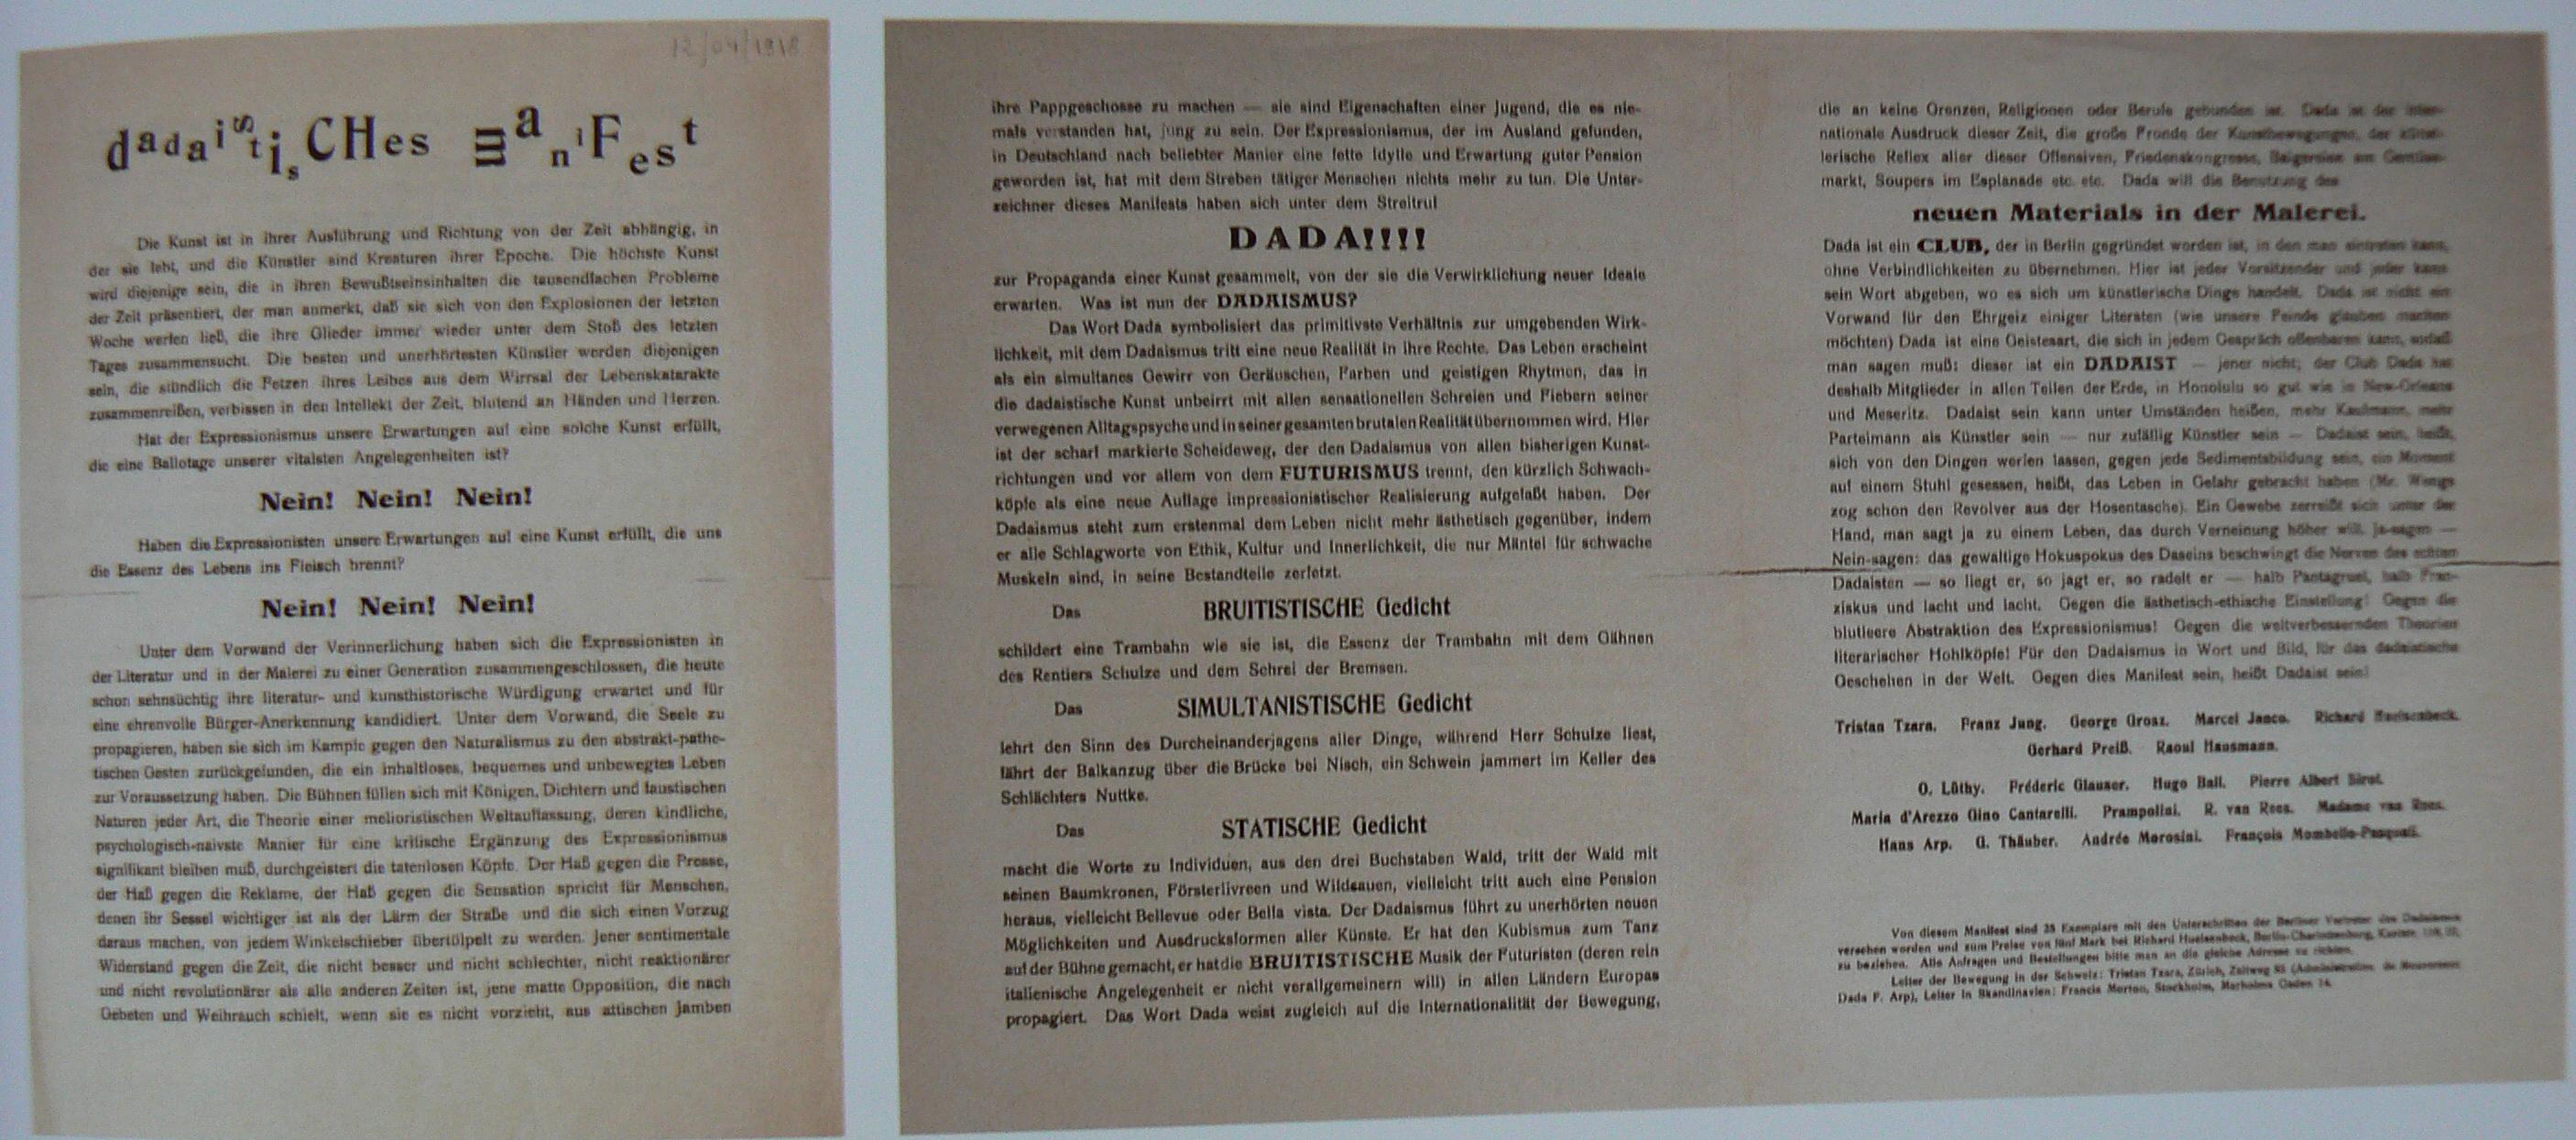 370.huelsenbeck. manifeste dada 1920